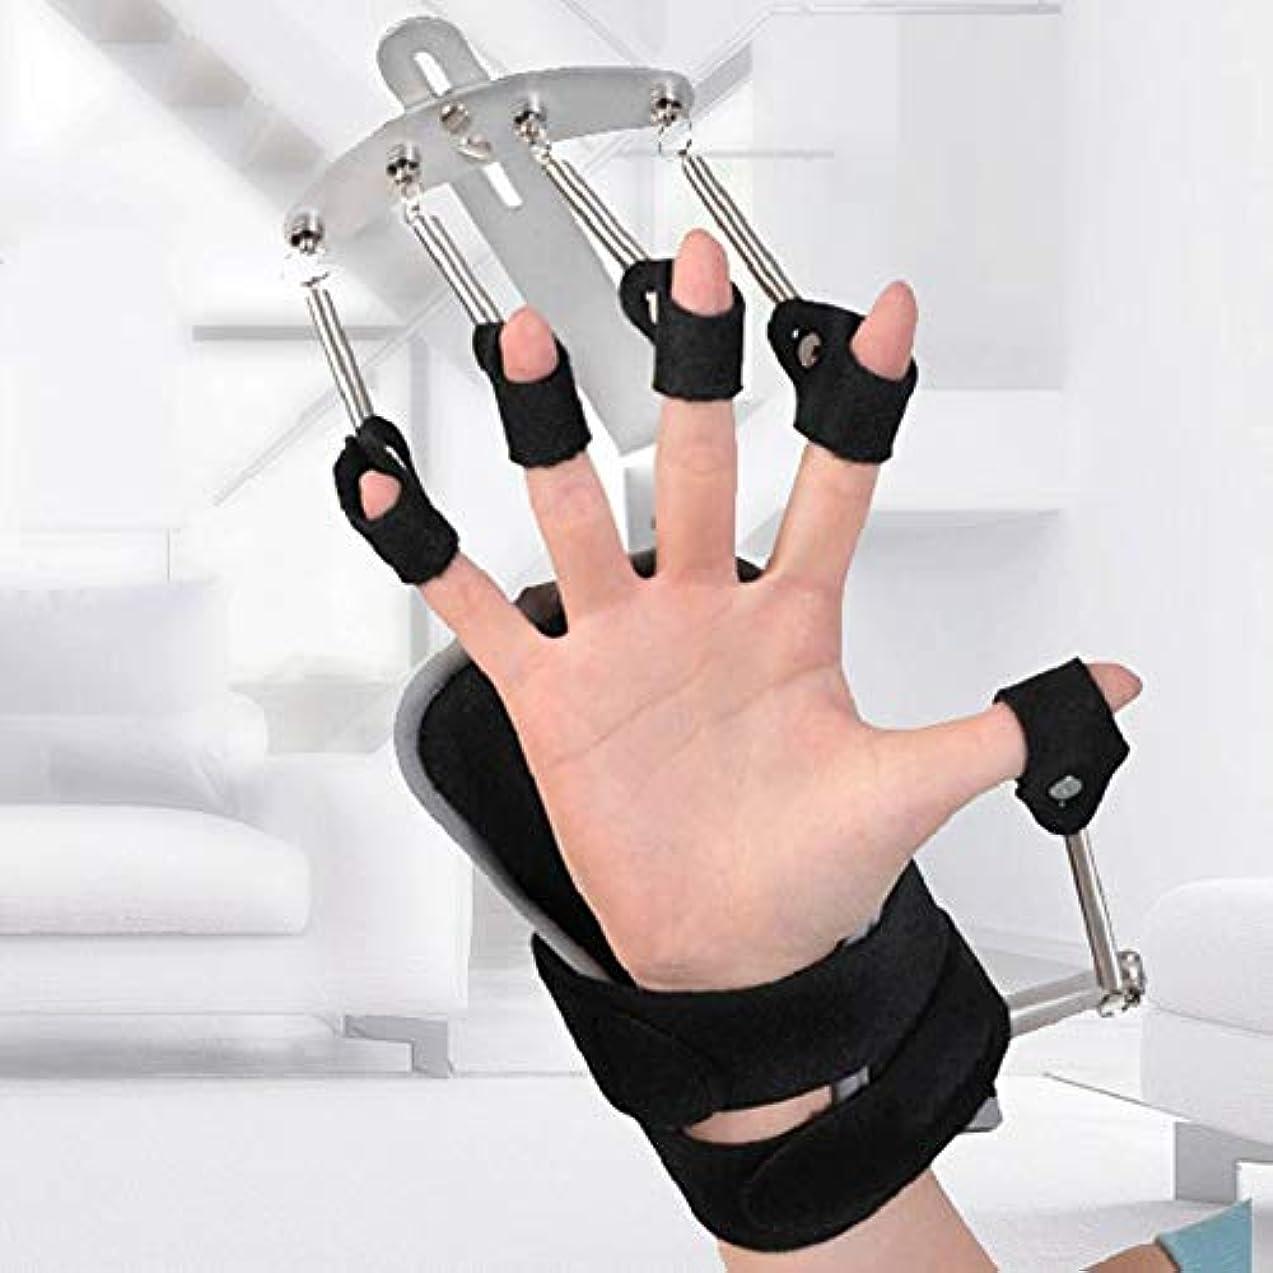 精神医学ハイキングモーション脳卒中片麻痺患者のあこがれ演習の修理のためにリハビリテーションインソールを、指、インソールポイントマニュアル手首トレーニング装具機器ブレース